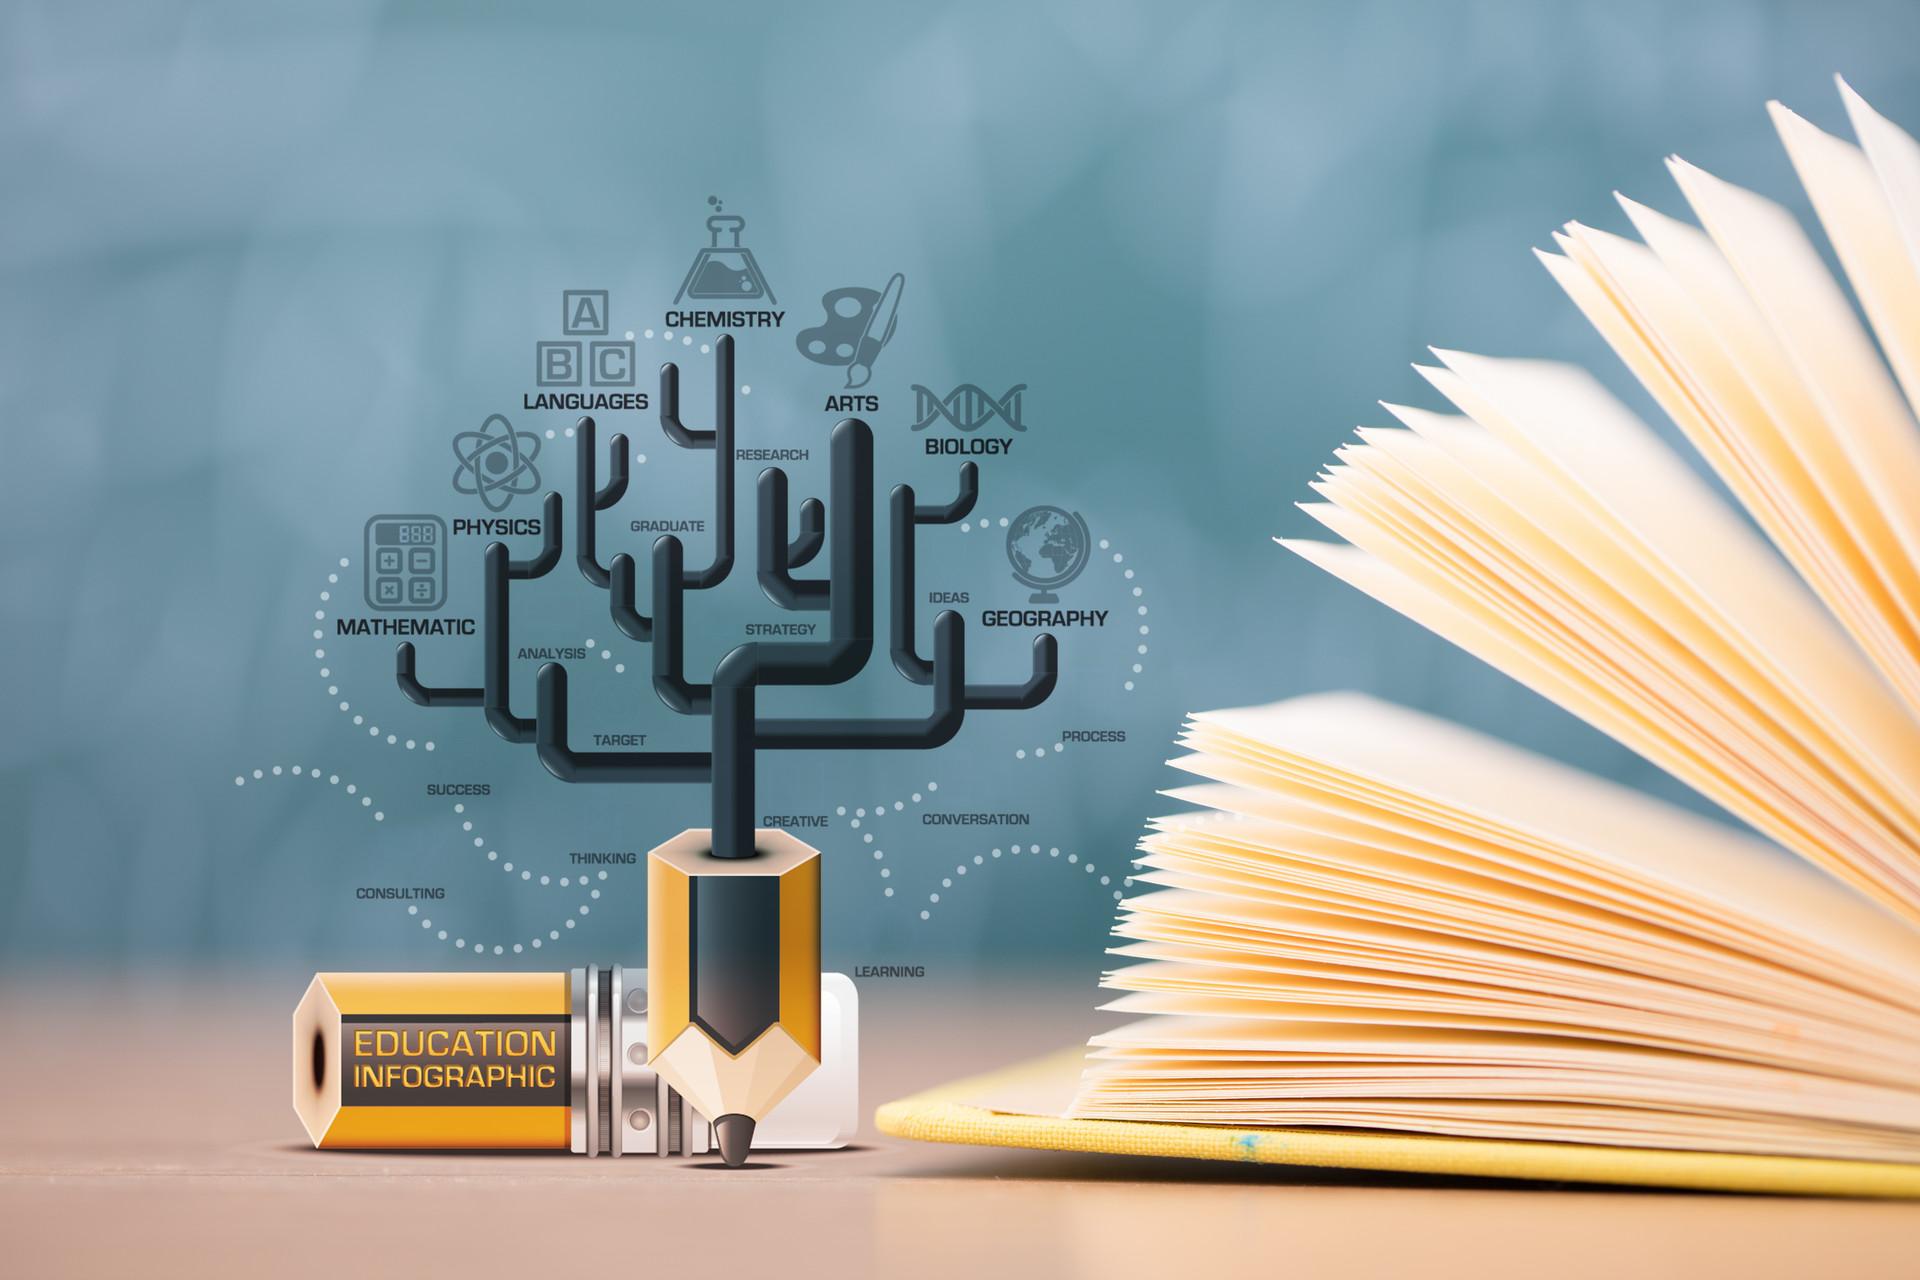 提升学历,为什么要参加远程教育?